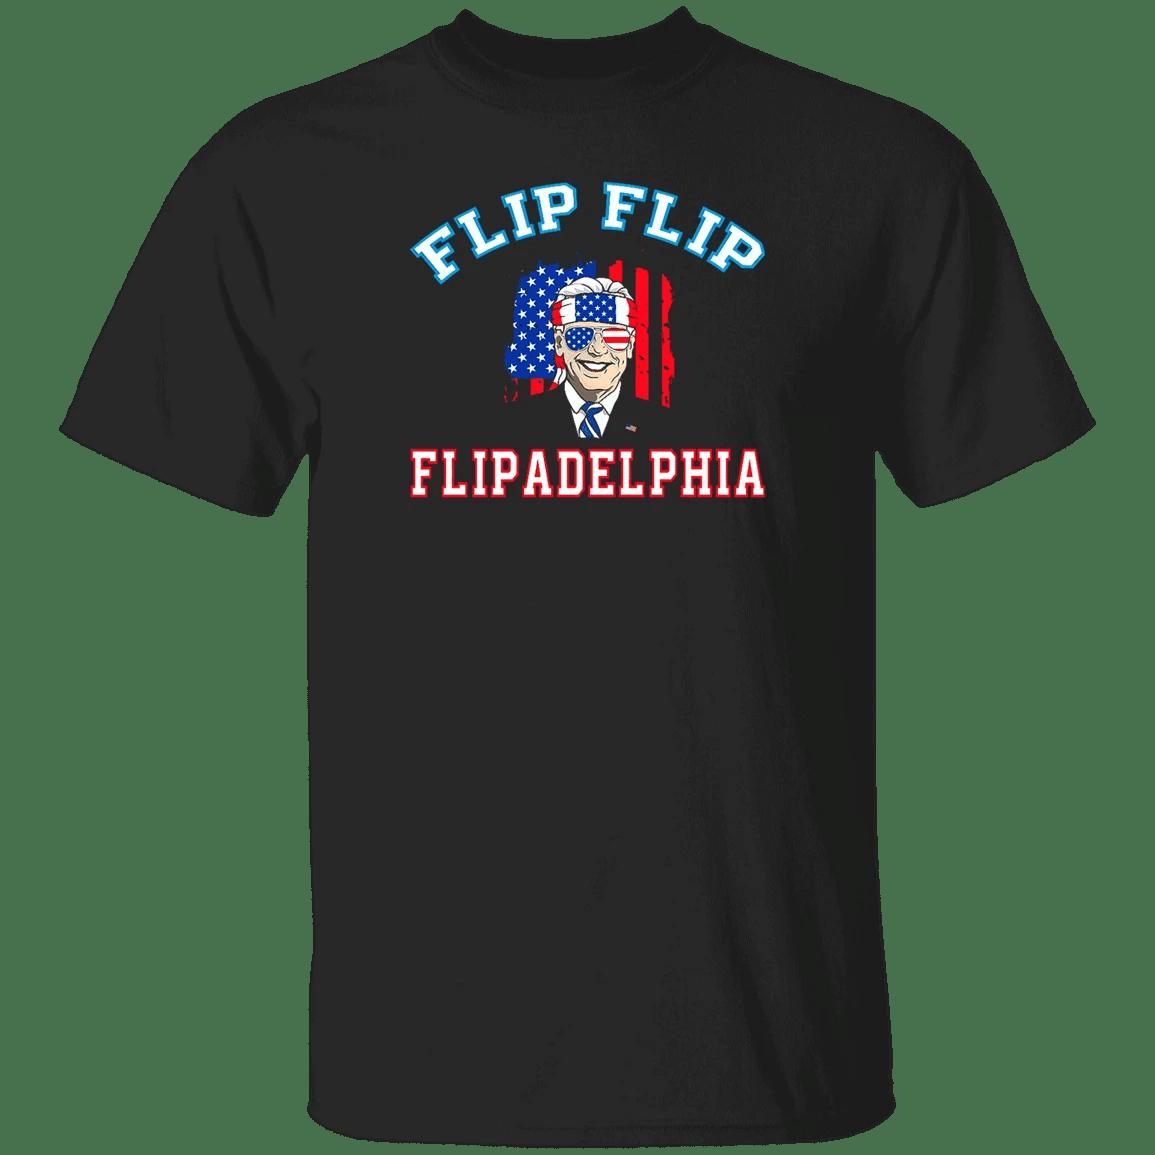 Flip Flip Flipadelphia T-Shirt Always Sunny In Philadelphia Shirt For Men Woman